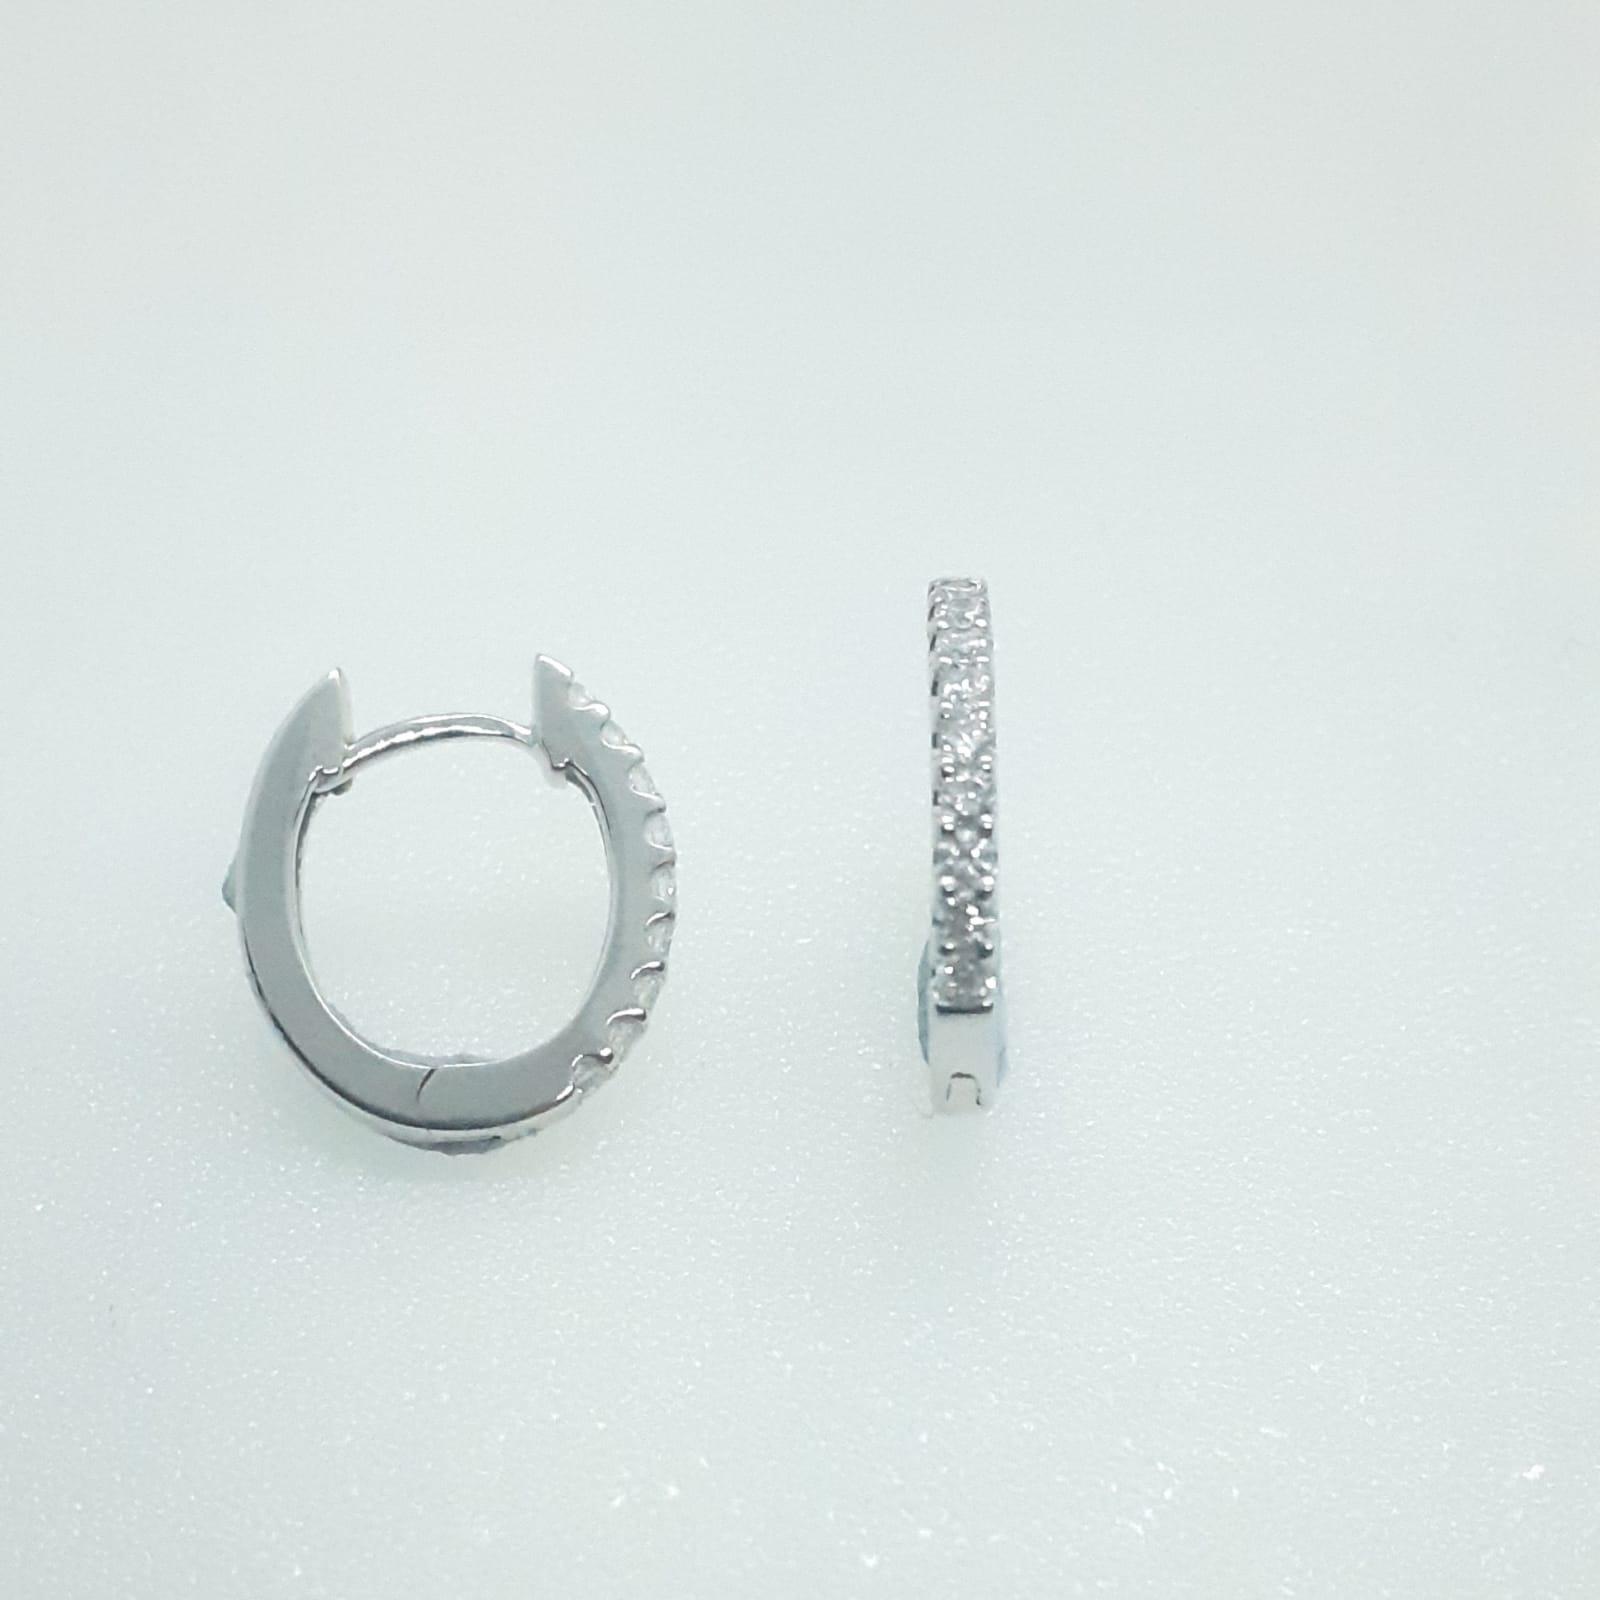 Sensi joyas alta joyería Granada plata compromiso PENDIENTES ORO 18K BRILLANTES  0,20 CTS